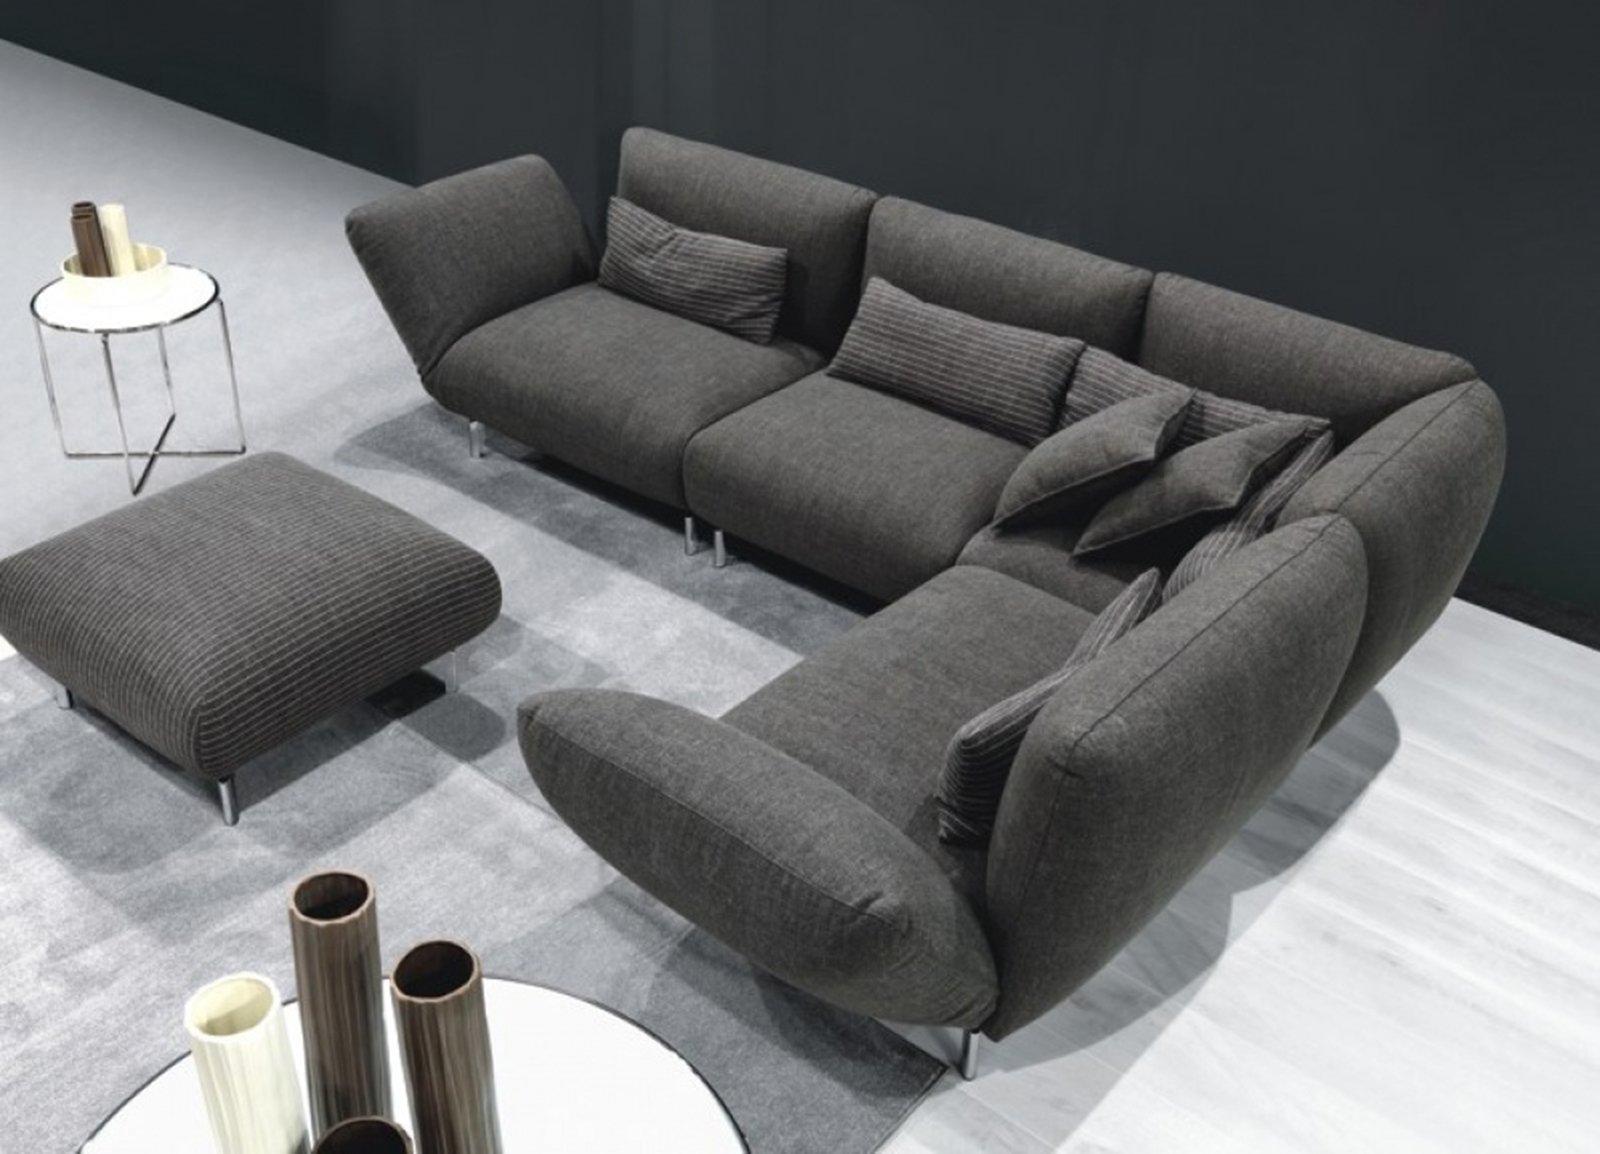 Divani con meccanismi per ogni tipo di relax cose di casa for Modelli salotti moderni